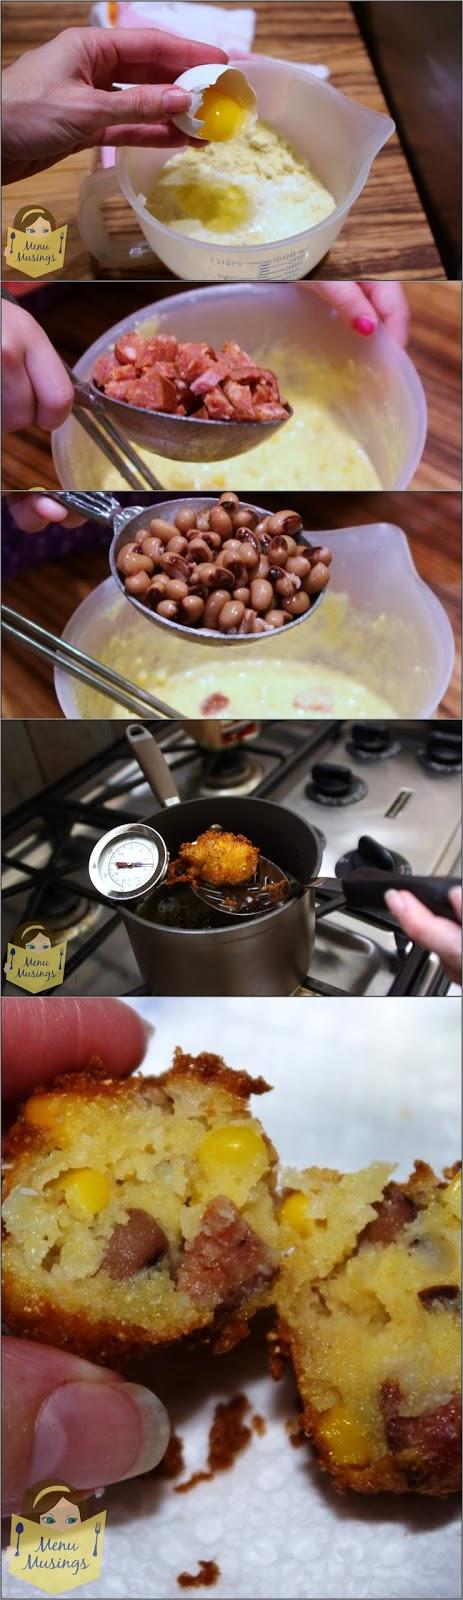 http://menumusings.blogspot.com/2013/02/hoppin-john-fritters.html